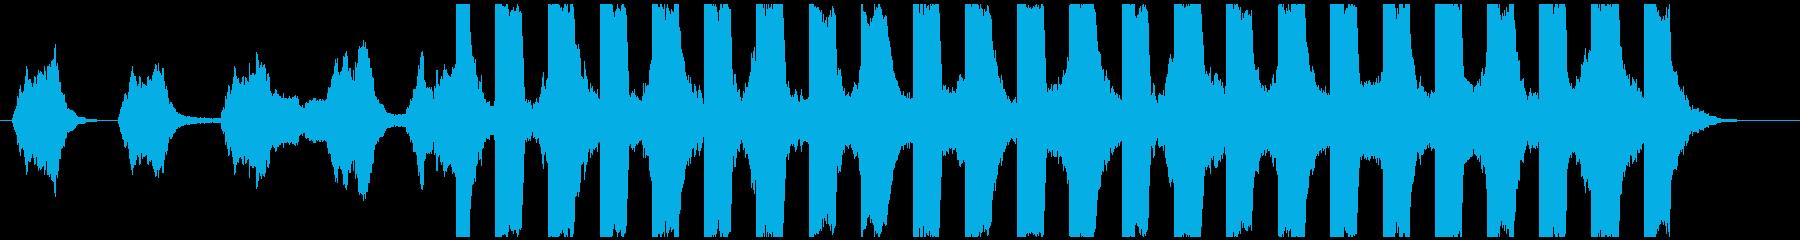 ダークでシリアスなシーン その2の再生済みの波形